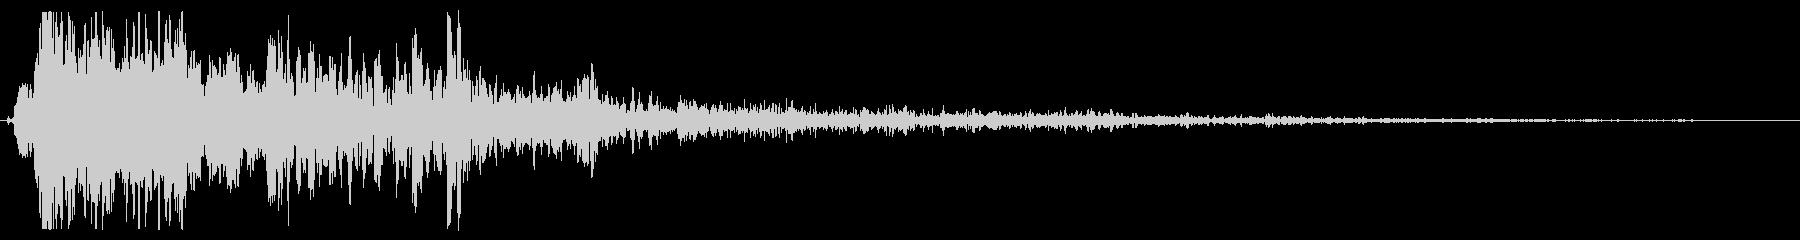 スペースガン:シングルショットの未再生の波形